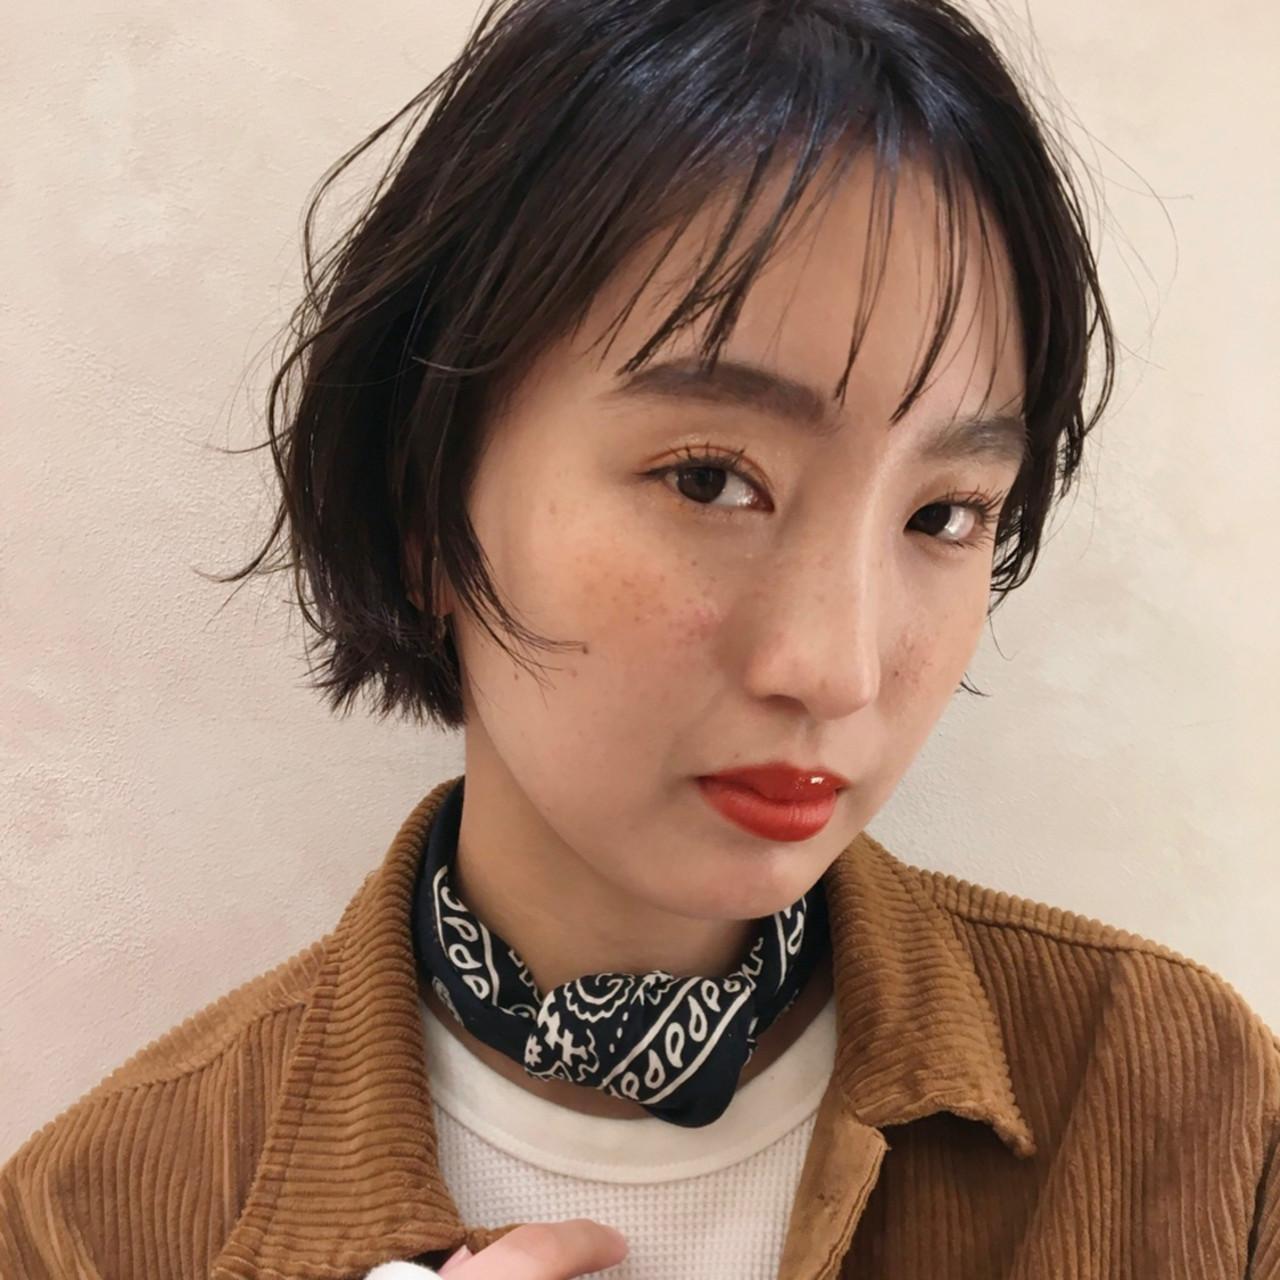 簡単スタイリング ショート ナチュラル ショートボブ ヘアスタイルや髪型の写真・画像